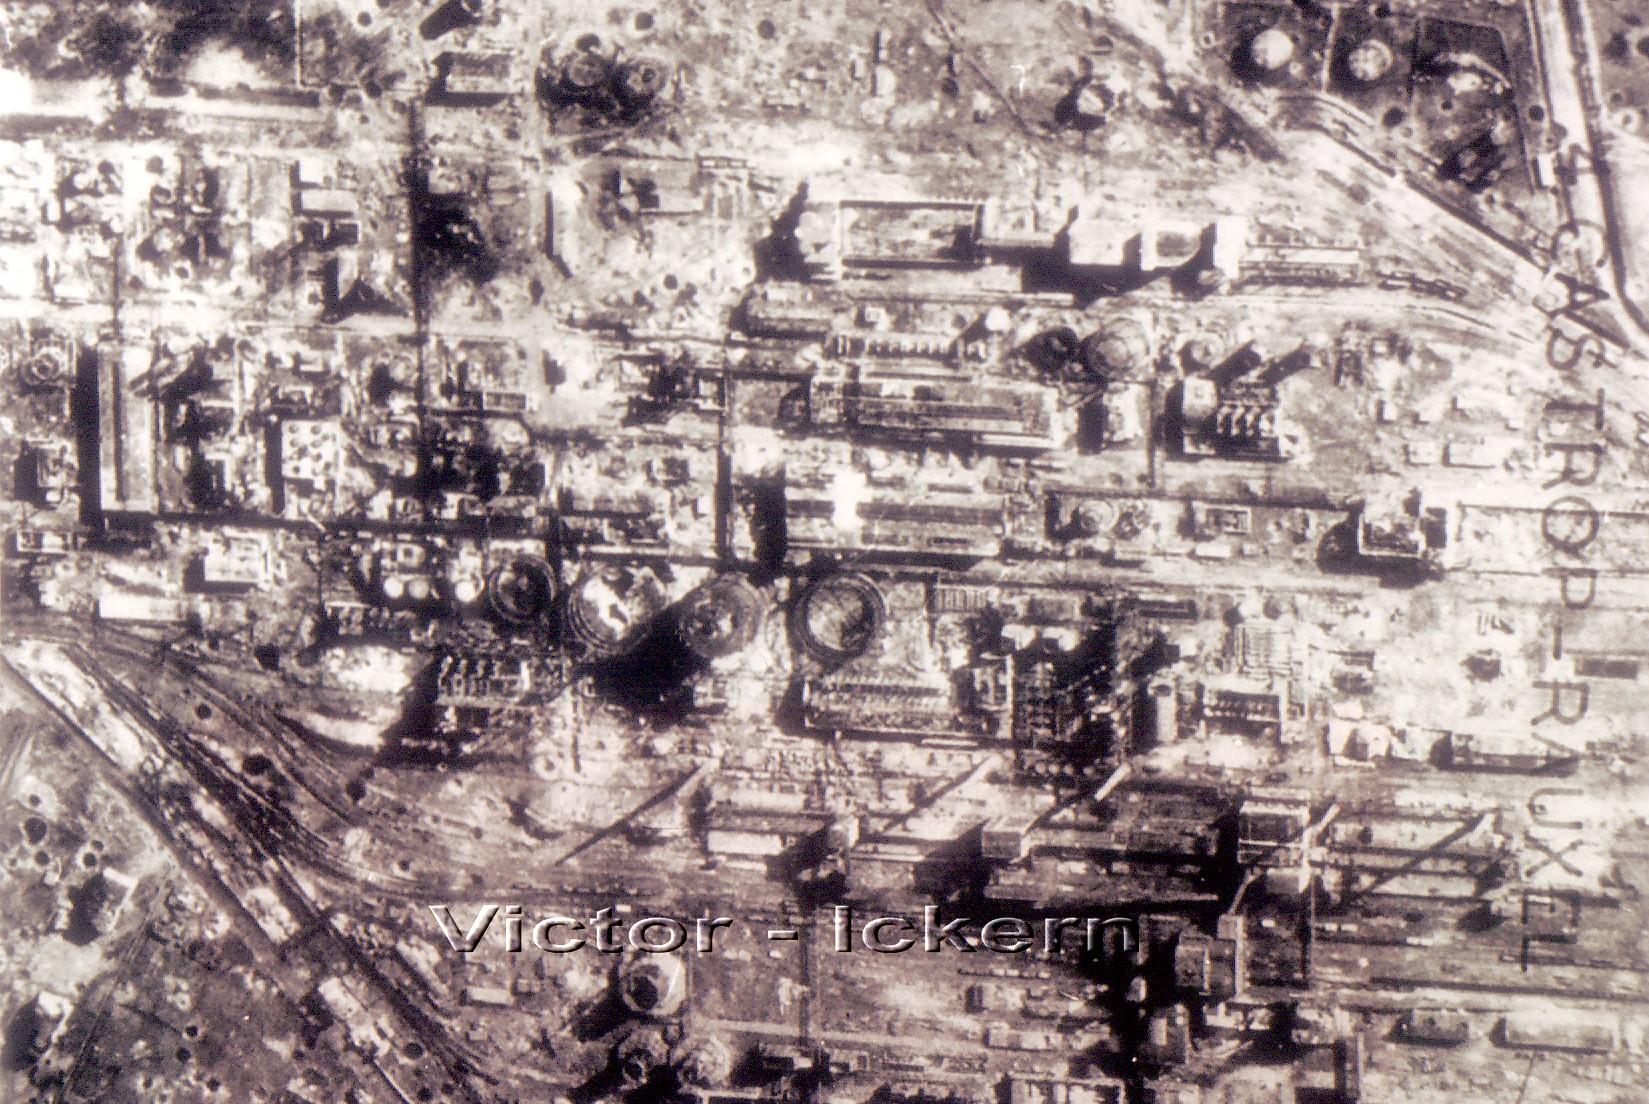 Ergebnis des Angriffs vom 21.11.1944 auf Victor III/IV und die Stickstoffwerke